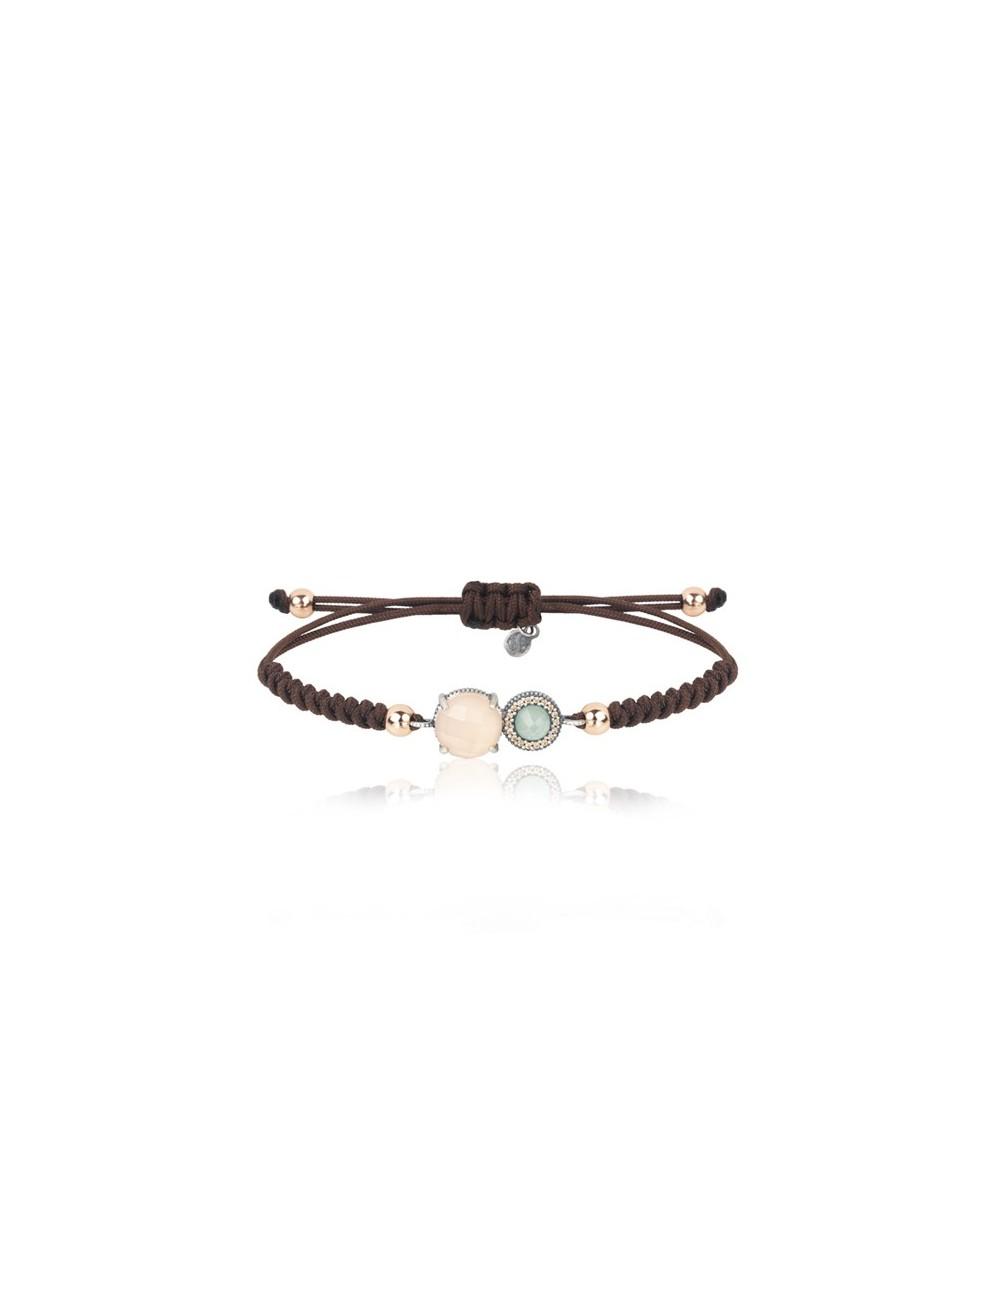 Sunfield -Pulsera Sunfield plata, cuarzo rosa, calcedonia, circonitas y nailon -PU062504